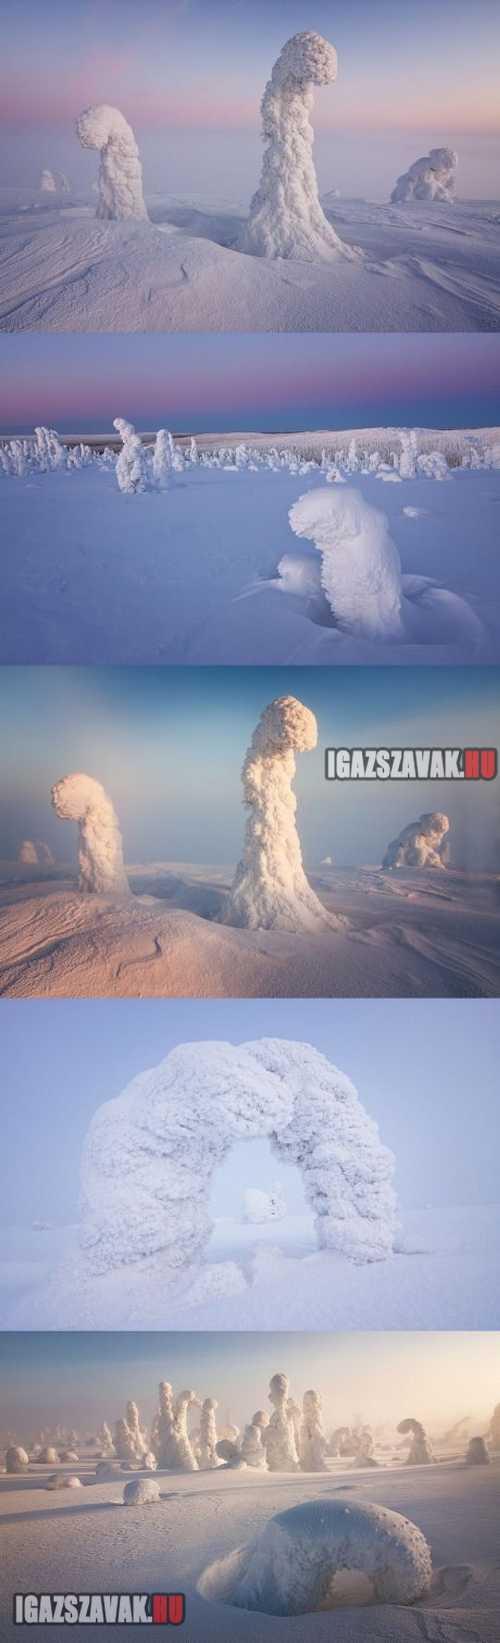 földönkívüli alakzatok finnországban